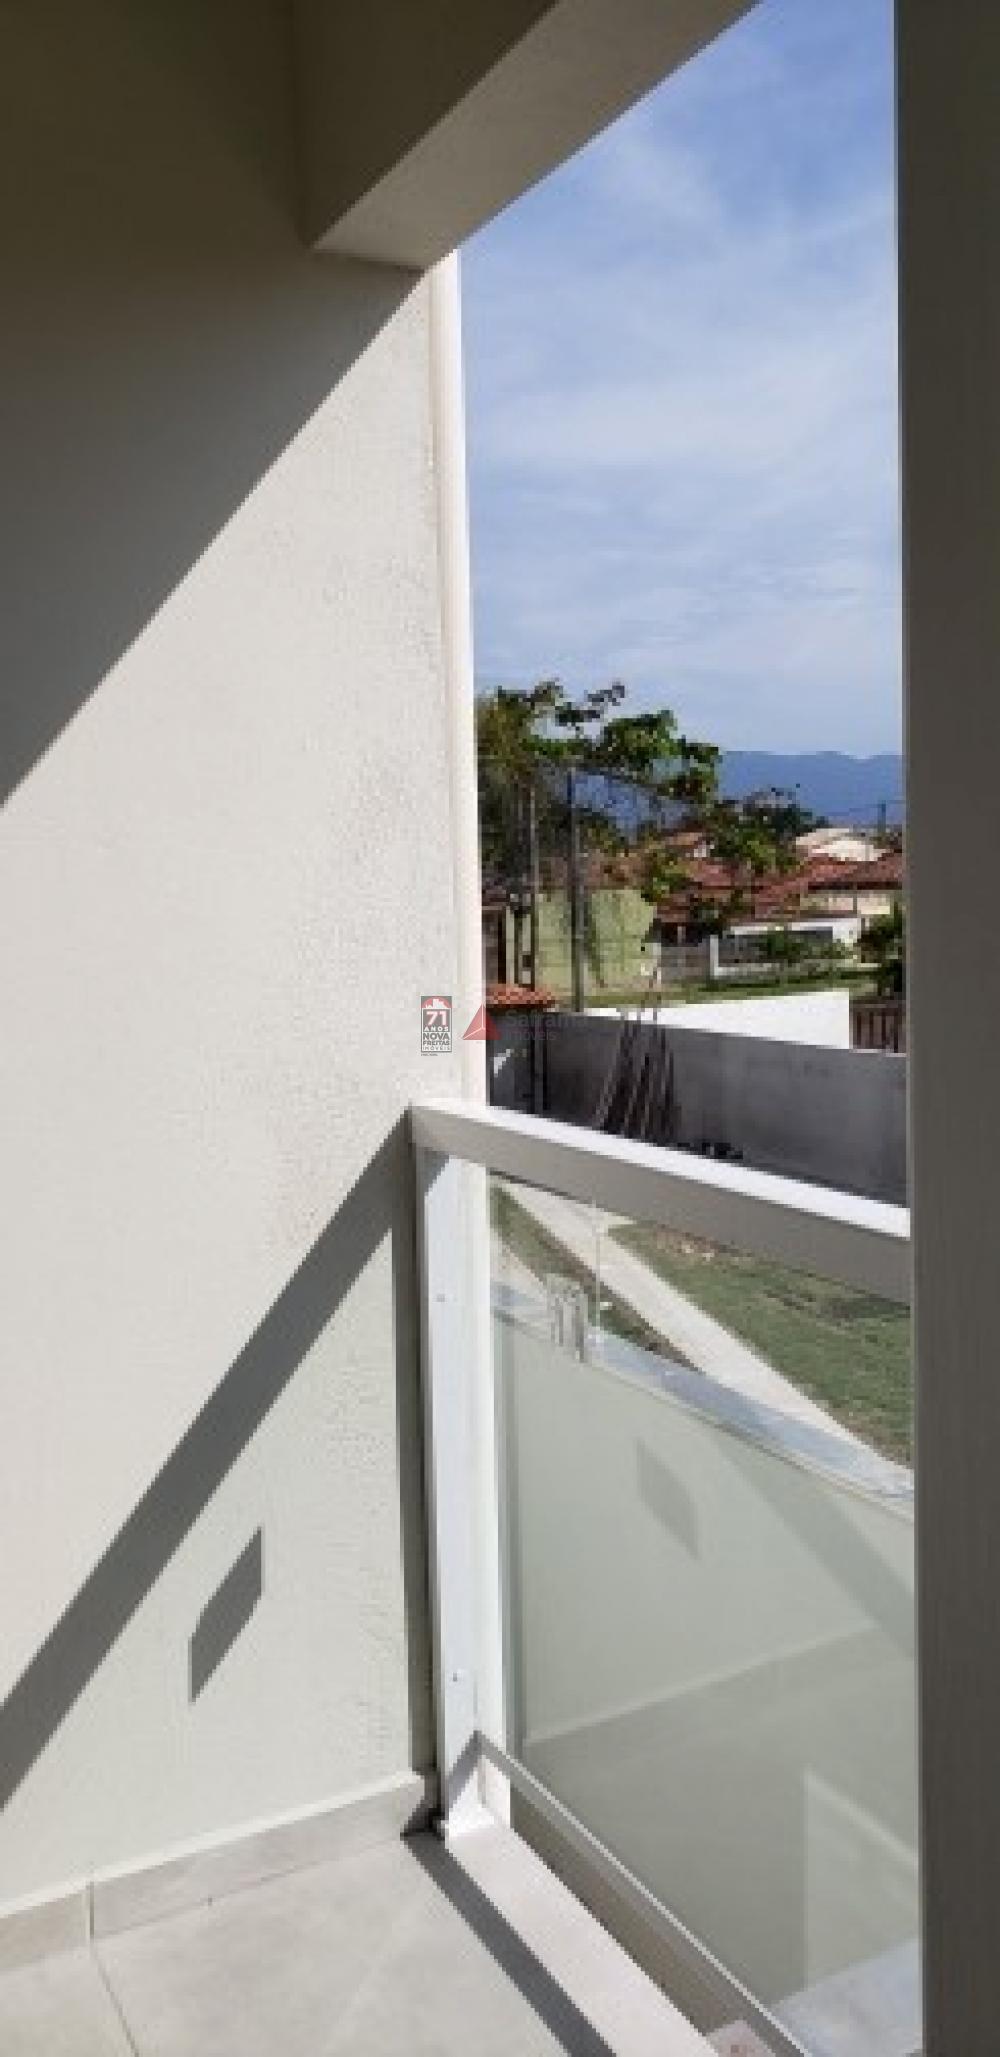 Comprar Casa / (Sobrado em condomínio) em Caraguatatuba apenas R$ 270.000,00 - Foto 14